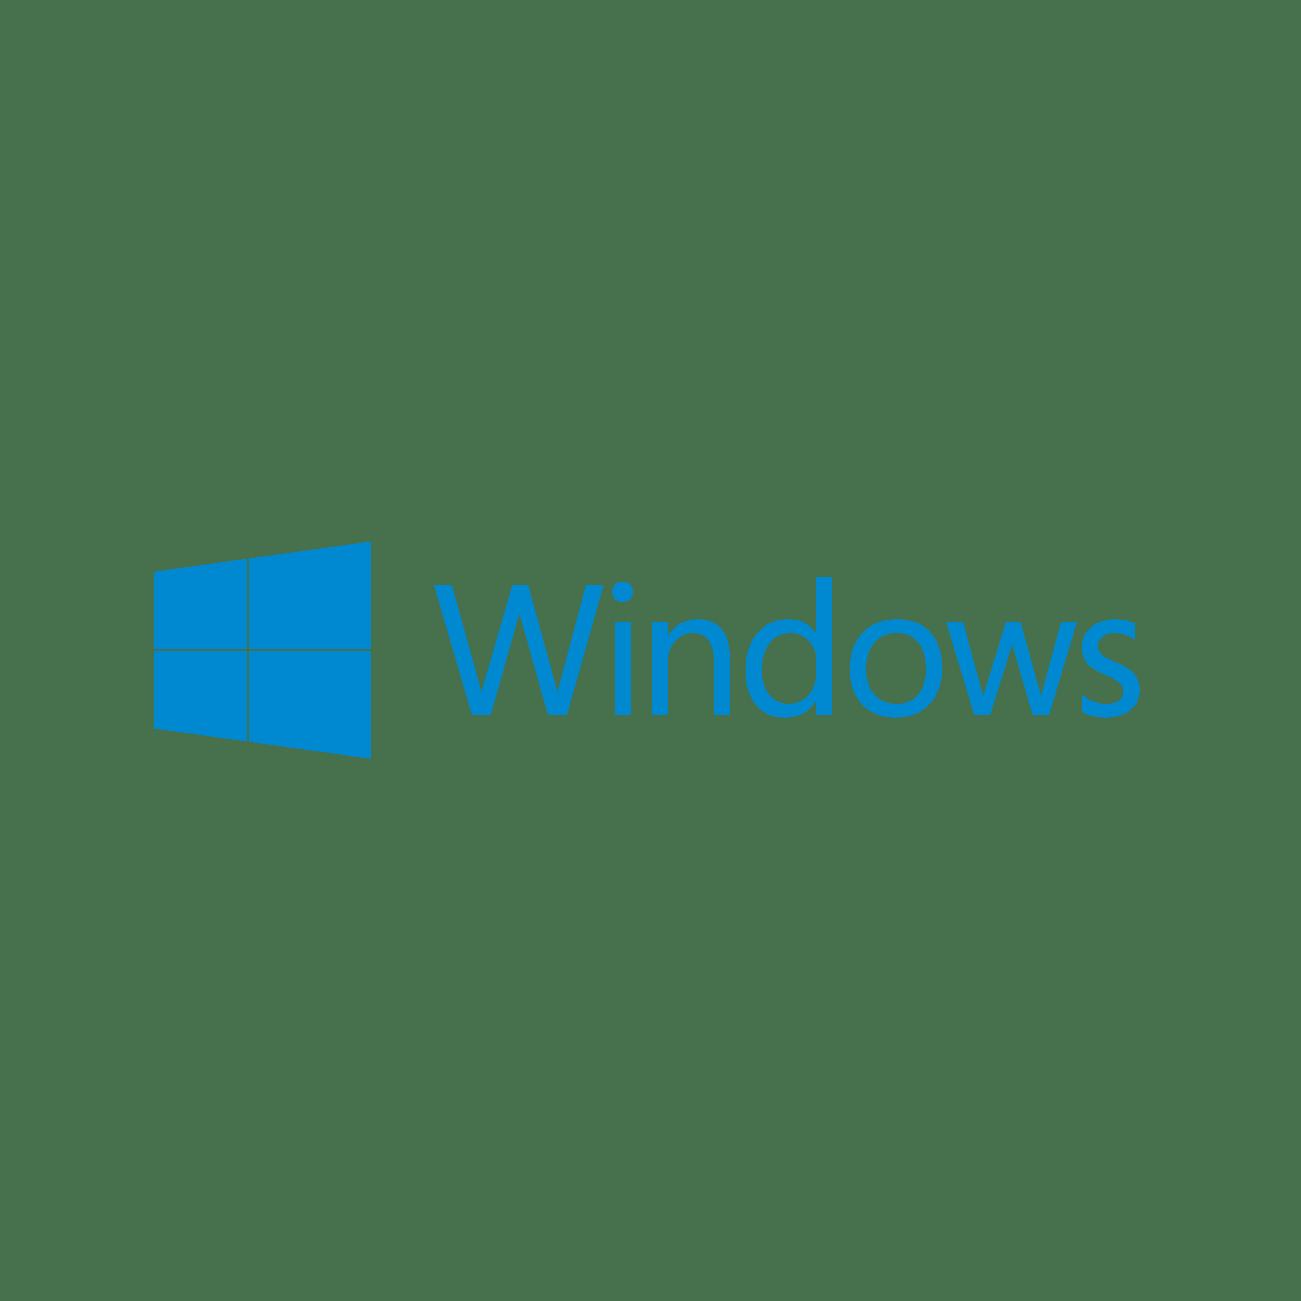 Windows_cmyk_Blue_D_Blue_D